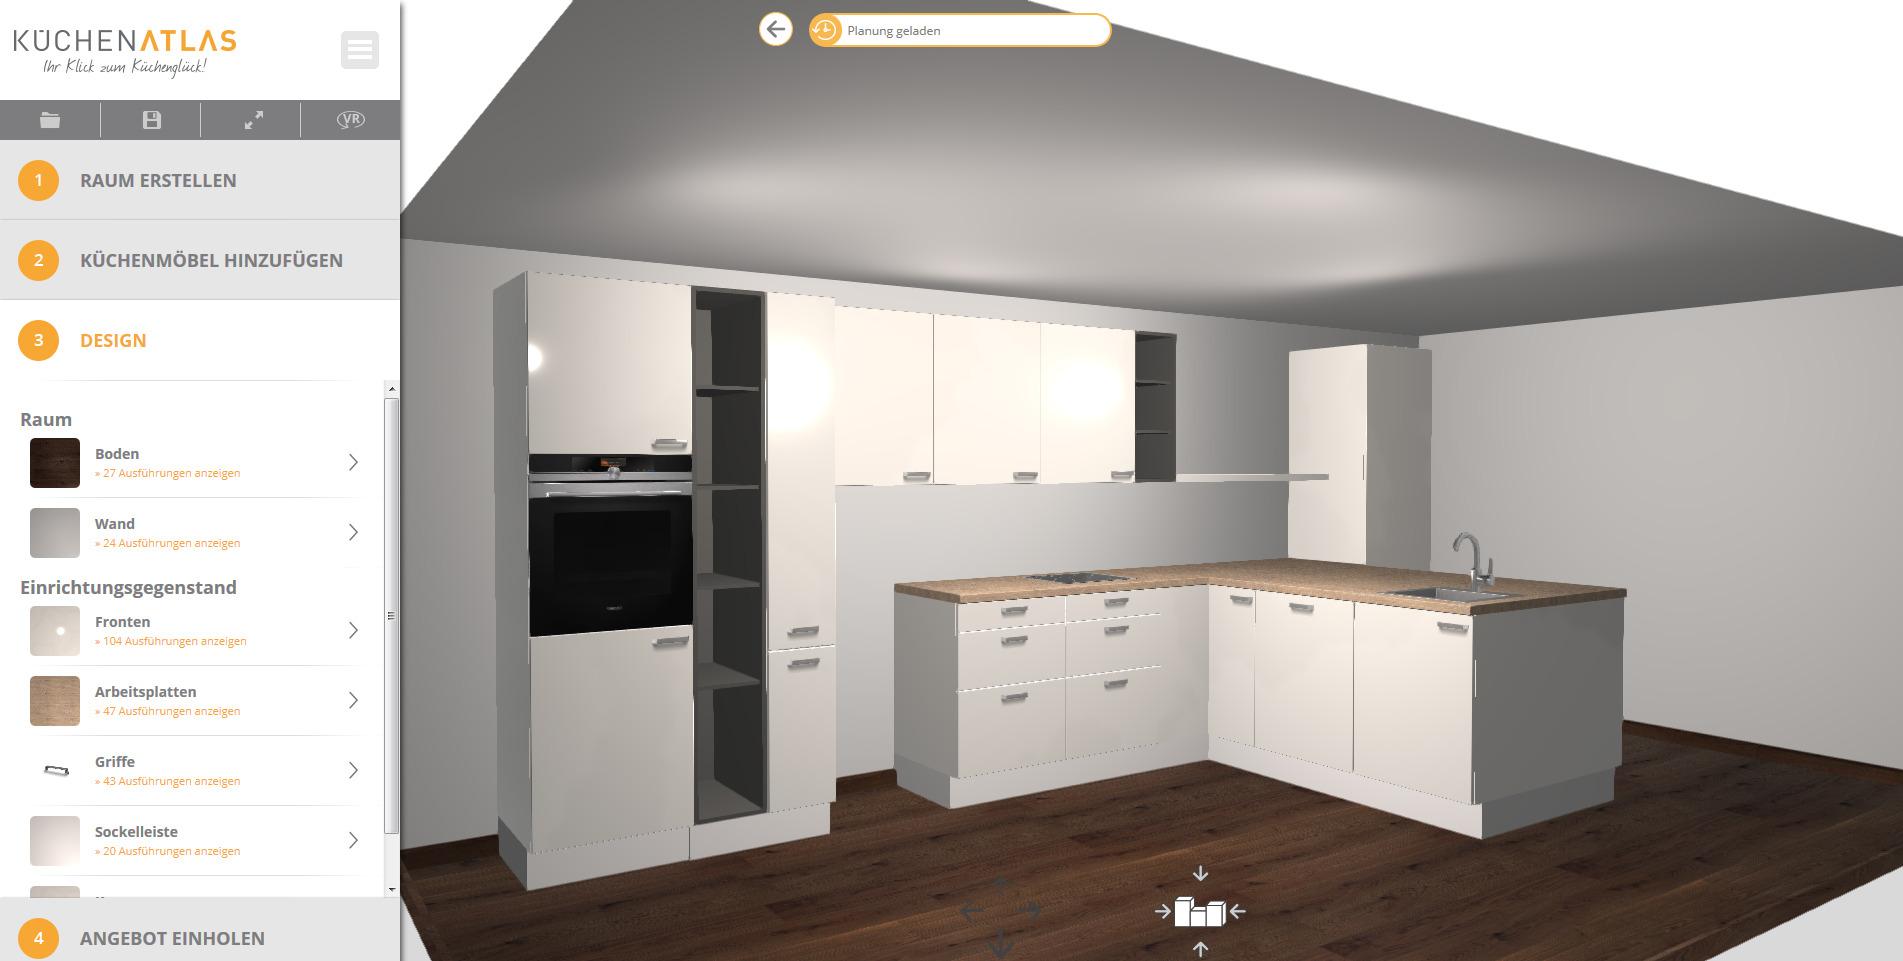 Wunderbar Interaktives Online Küche Design Tool Galerie - Ideen Für ...